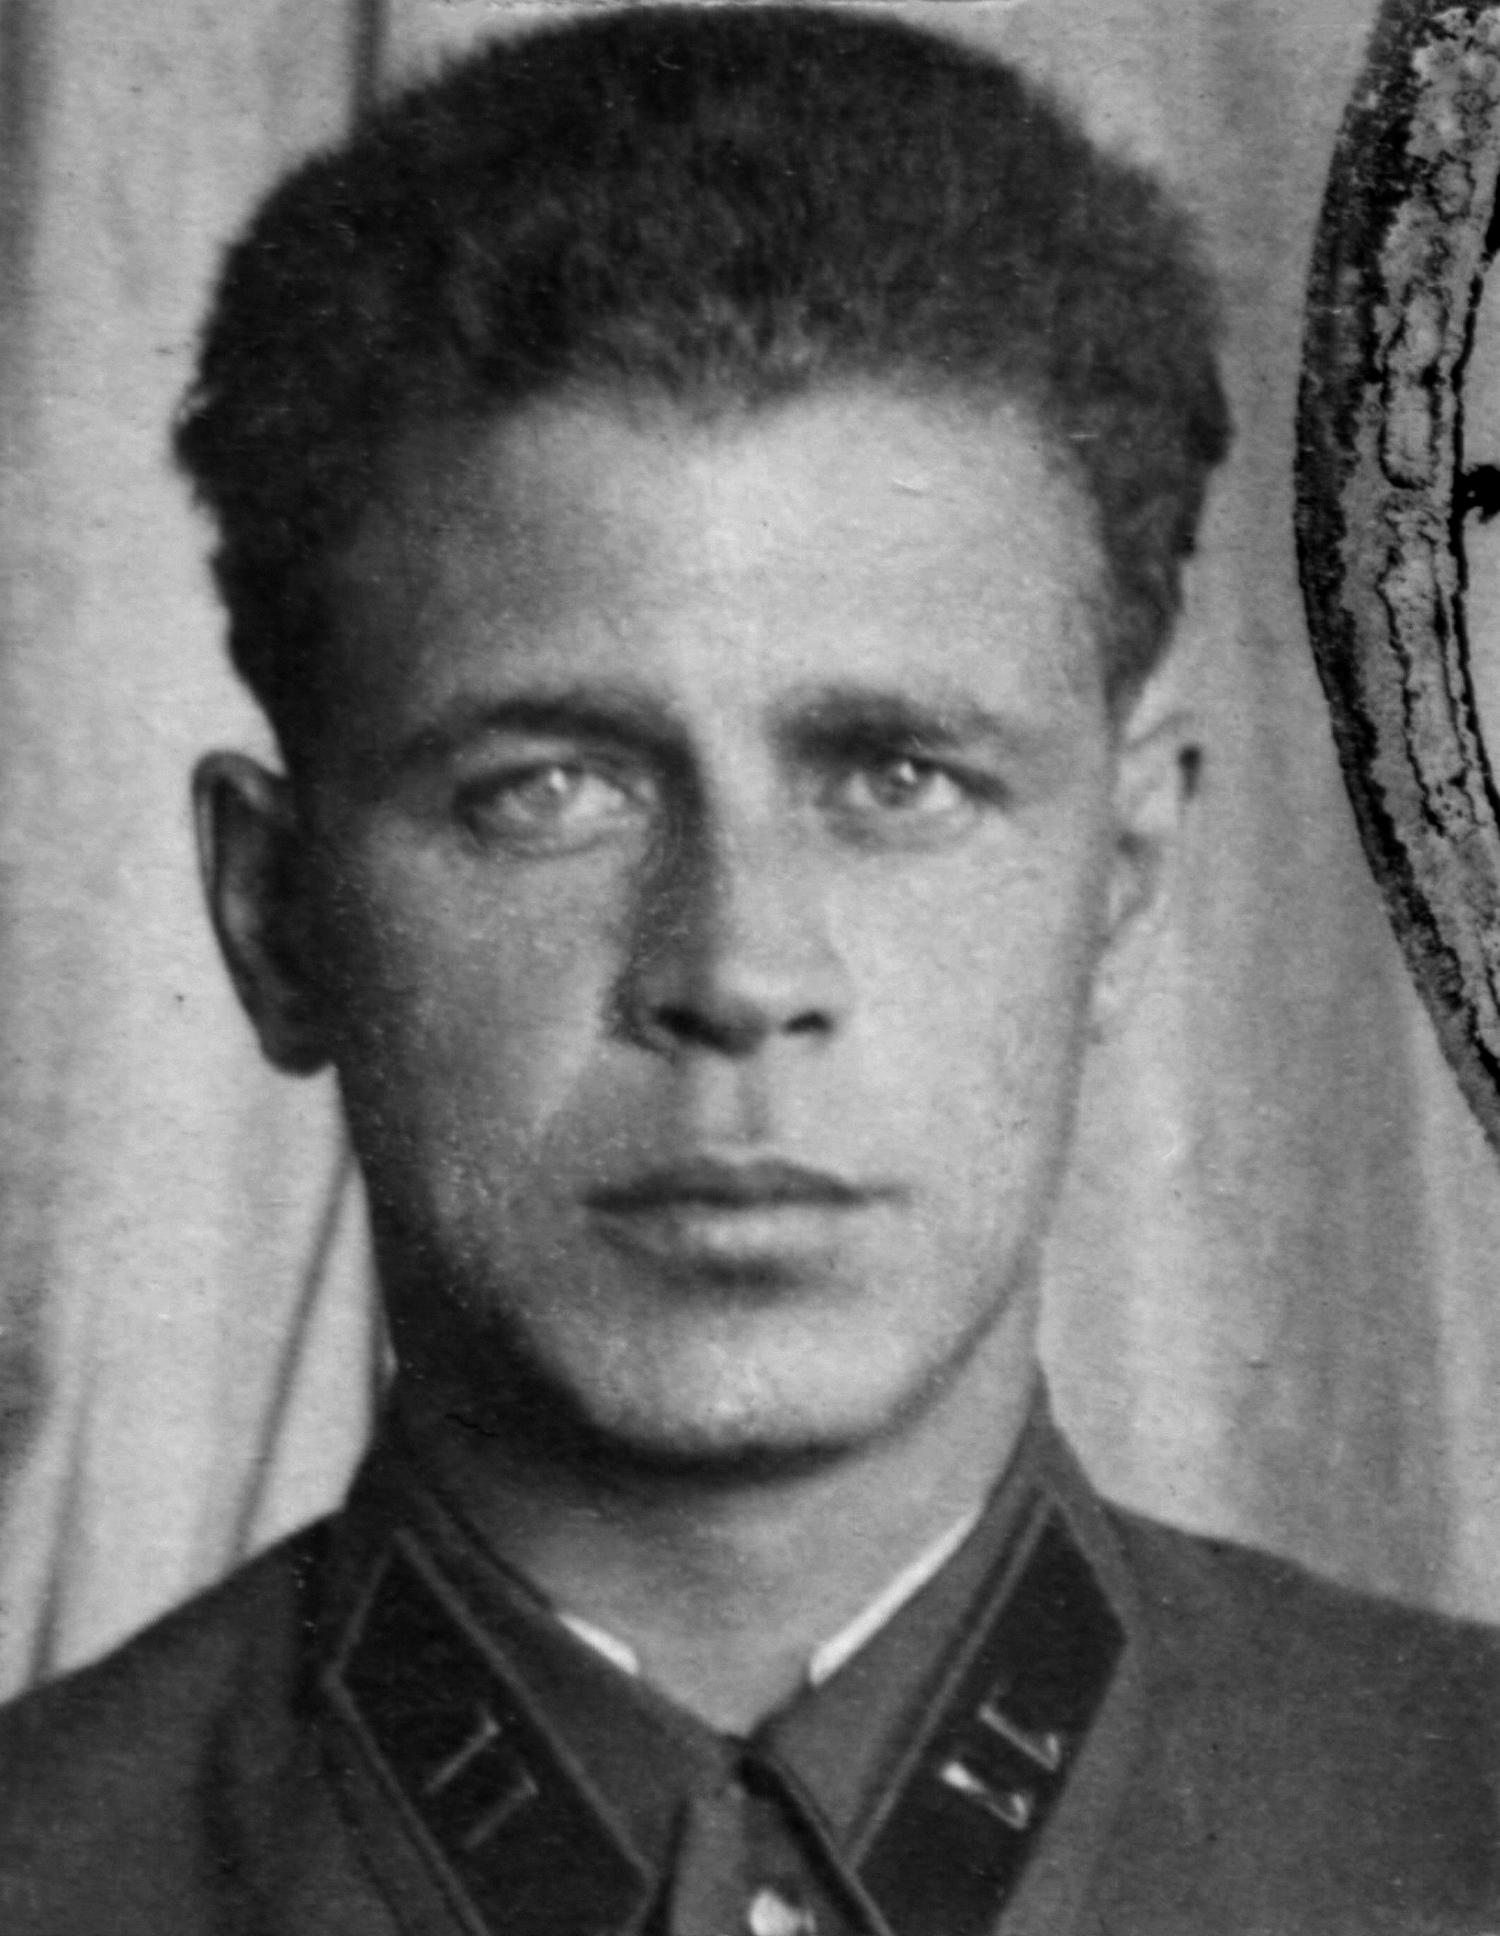 Отвертеться не удастся: как сотрудники НКВД сдавали друг друга на допросах8